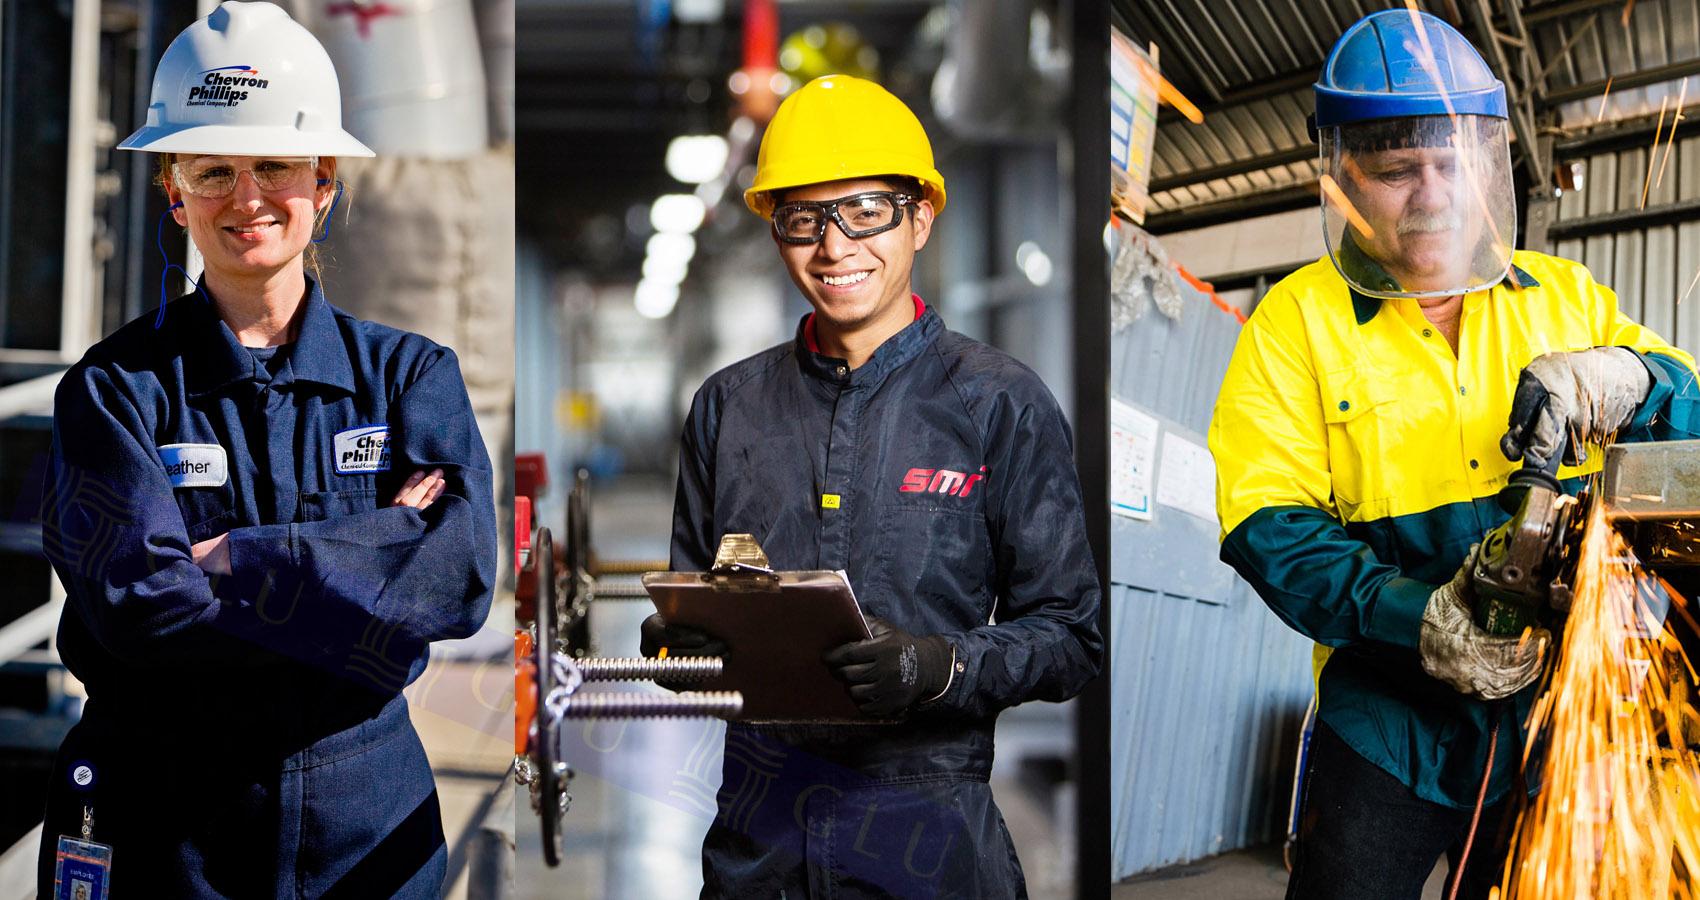 Tìm hiểu đặc điểm về quần áo bảo hộ công nhân 2020